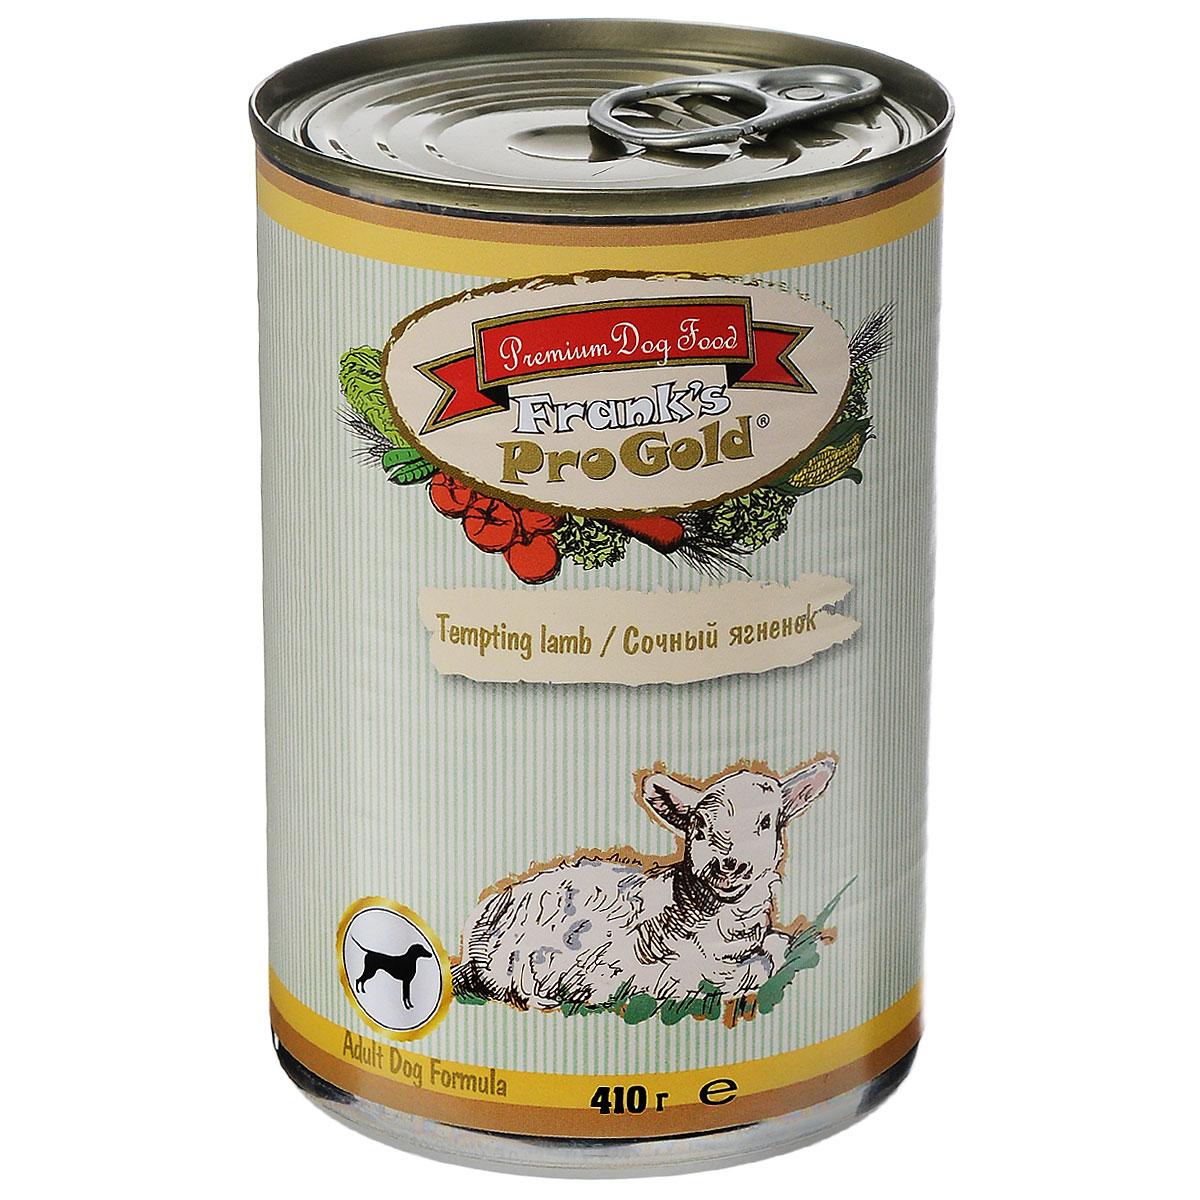 Franks ProGold Консервы для собак Сочный ягненок (Tempting lamb Adult Dog Recipe), 410 г.0120710Полнорационный корм для собак. Состав: мясо курицы, ягненок, мясо и его производные, злаки, витамины и минералы.Пищевая ценность: влажность 81 %,белки 6,5 %, жиры 4,5 %, зола 2 %, клетчатка 0,5.Добавки: Витамин A 1600 IU, Витамин D 140 IU, Витамин E 10 IU, Iron E1 24 mg, Железо E1 24 мг/кг, Марганец E5 6 мг/кг, Цинк E6 15 мг/кг, Иодин E2 0,3 мг/кг. Калорийность: 393,6 калл. Условия хранения: в прохладномтемном месте.